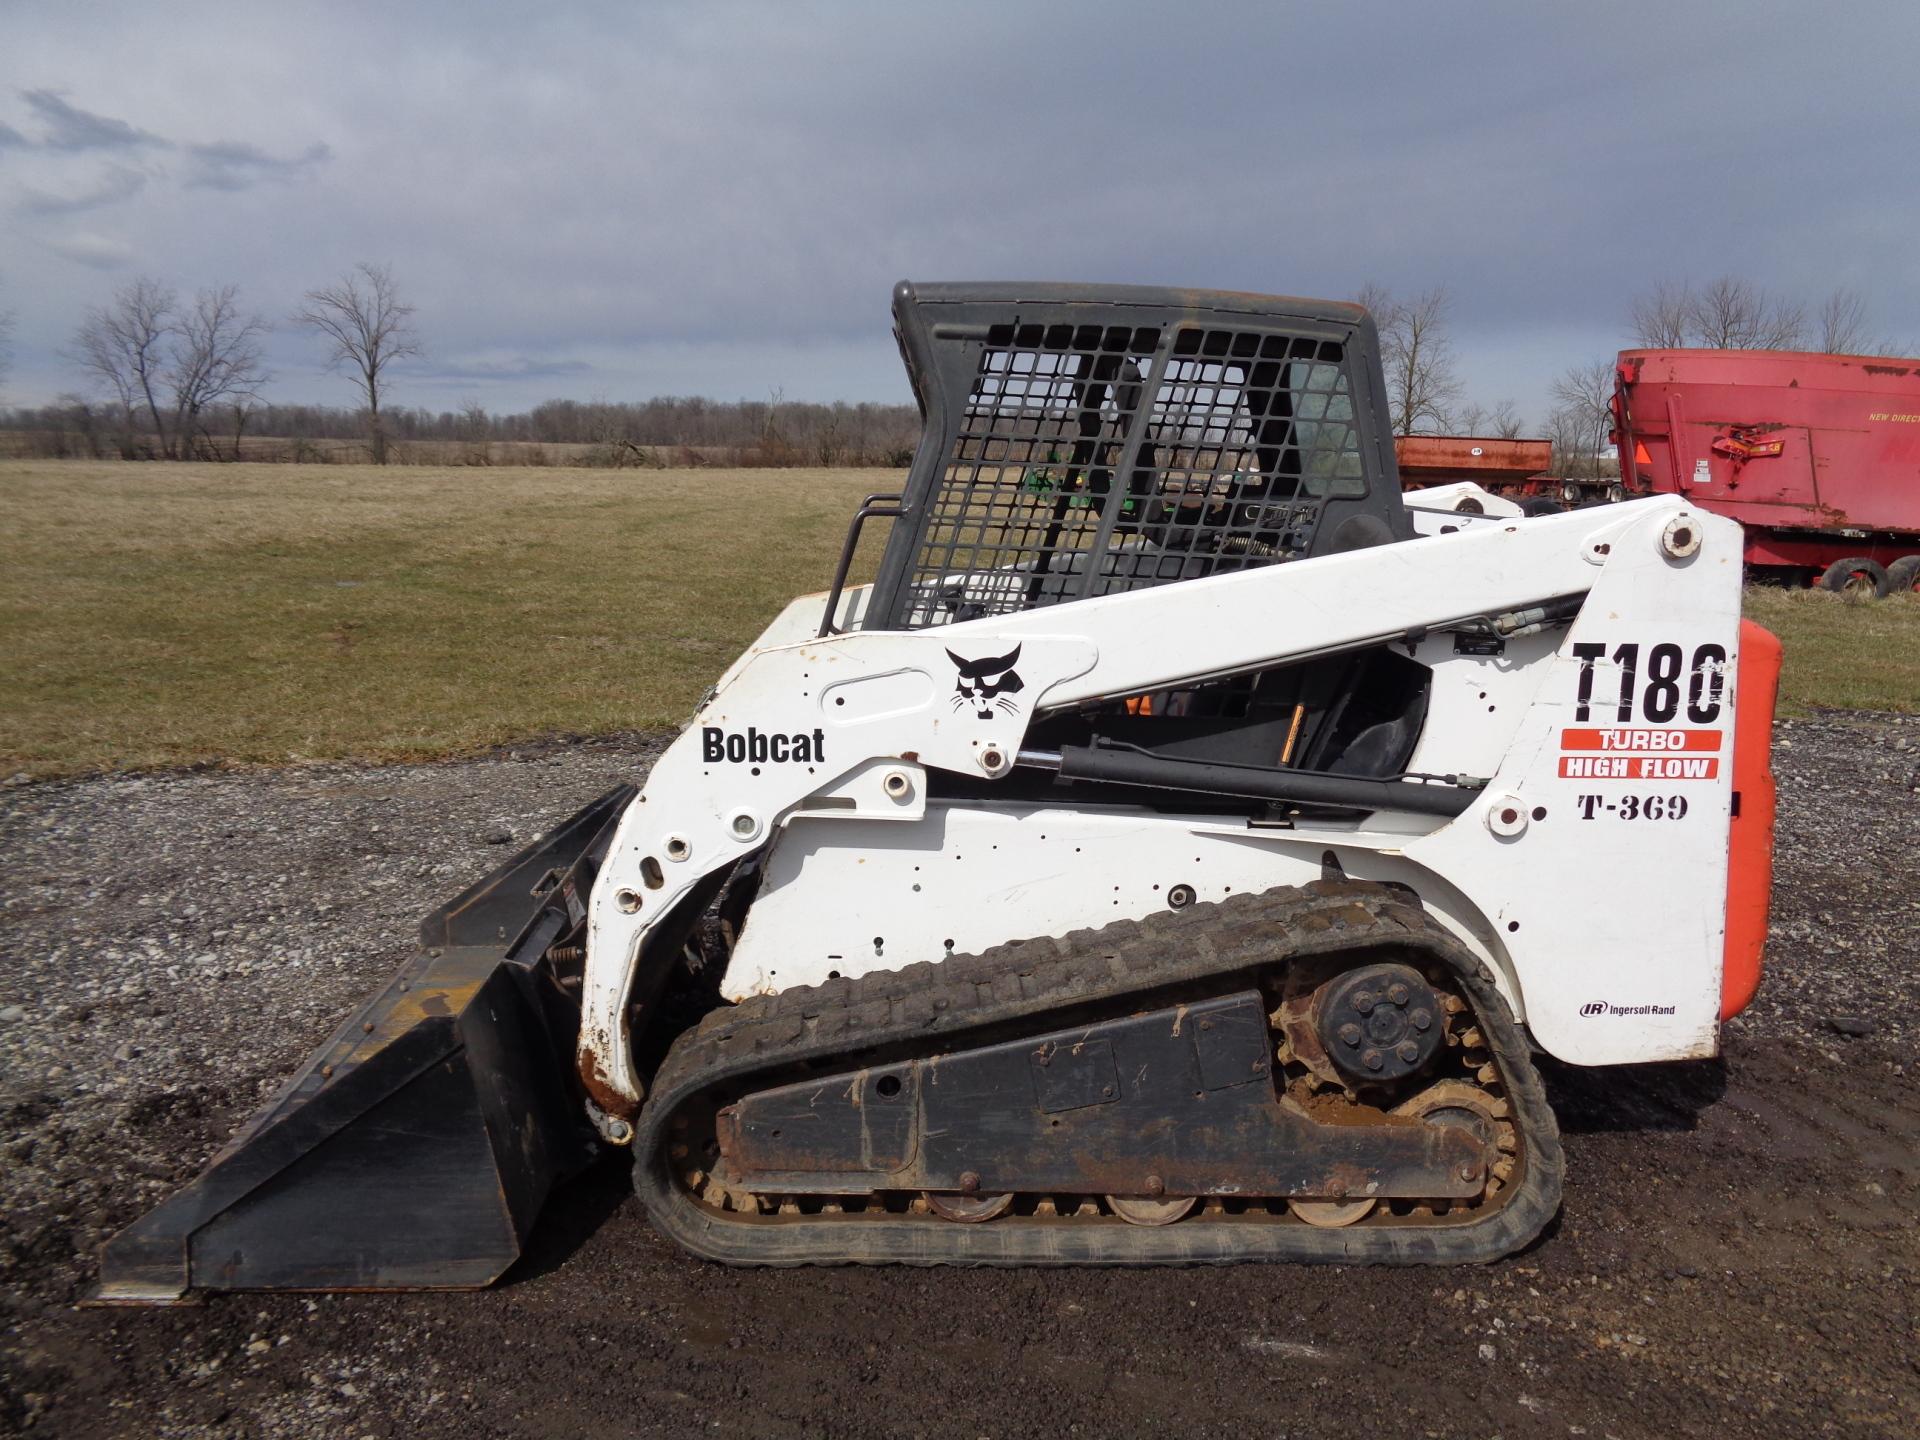 2005 Bobcat T180    $18,900